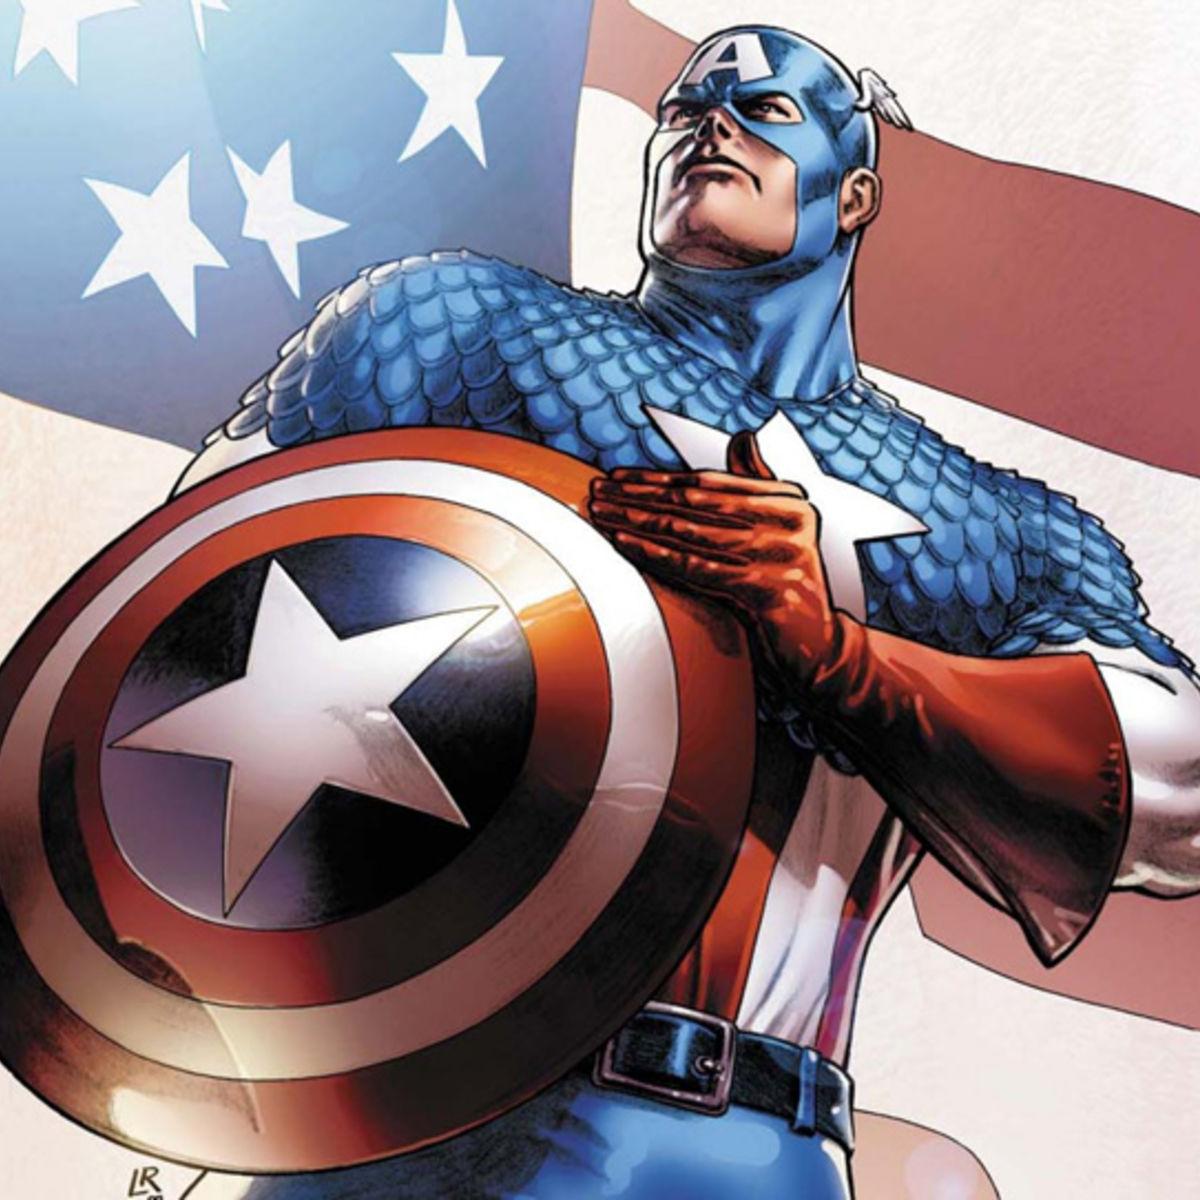 CaptainAmerica032211.jpg